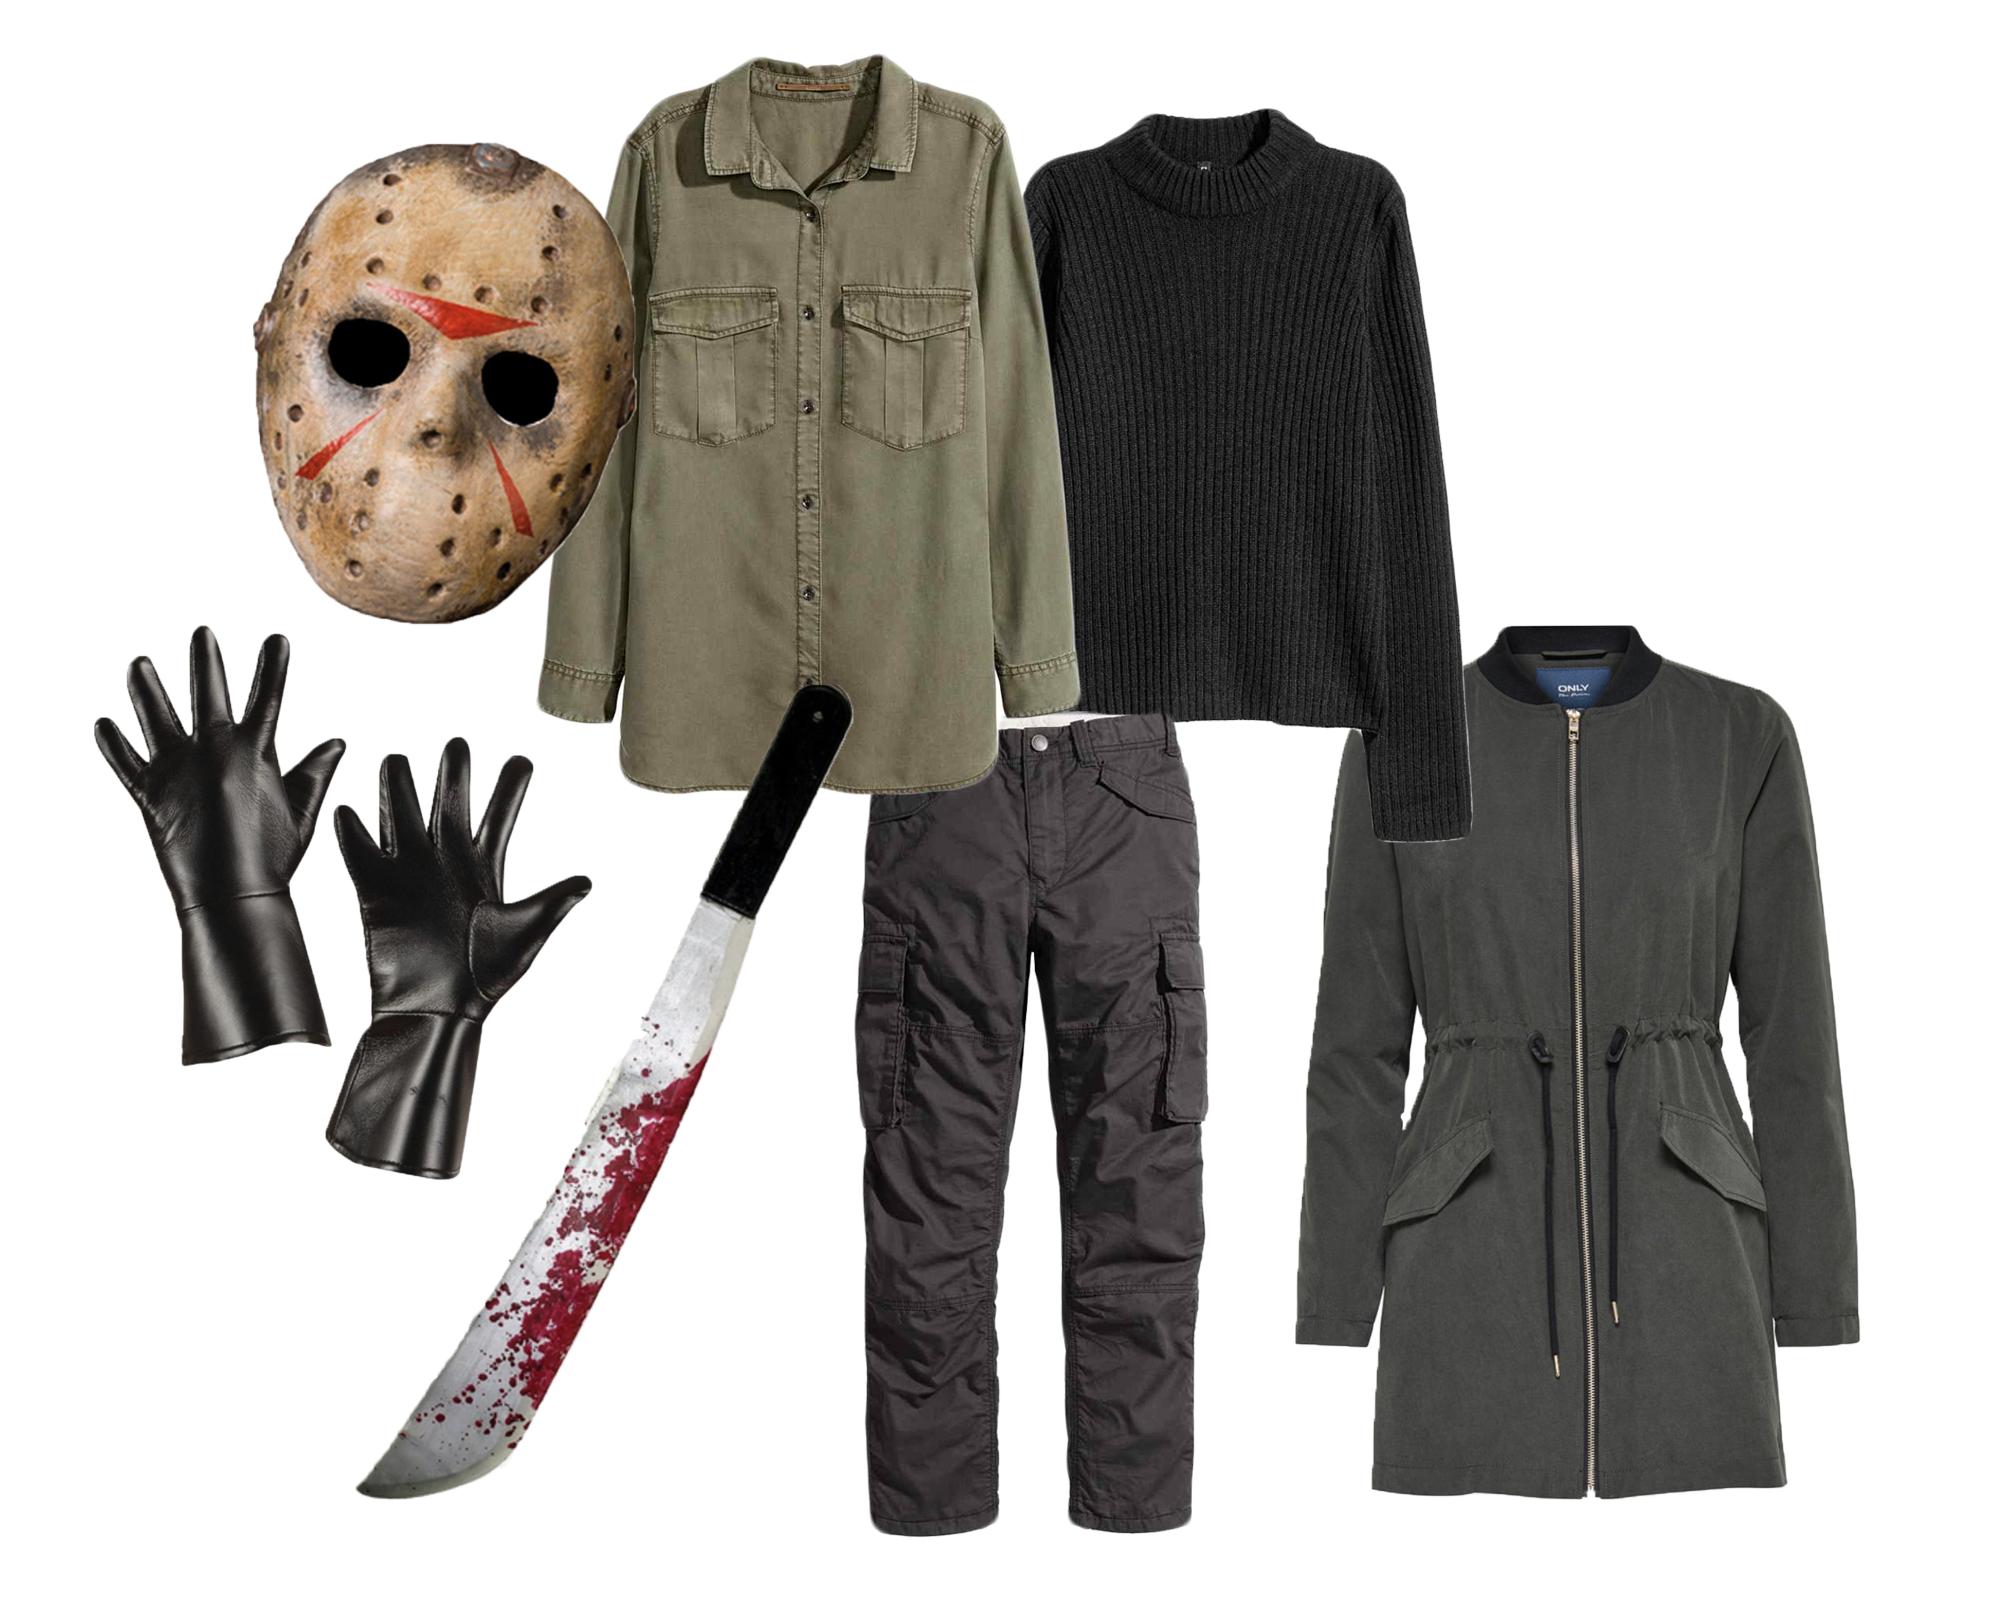 jason, fredag d 13, udklædning, uhygge, klæde ud, skræmmende, creepy, halloween, kostume, halloweenkostume